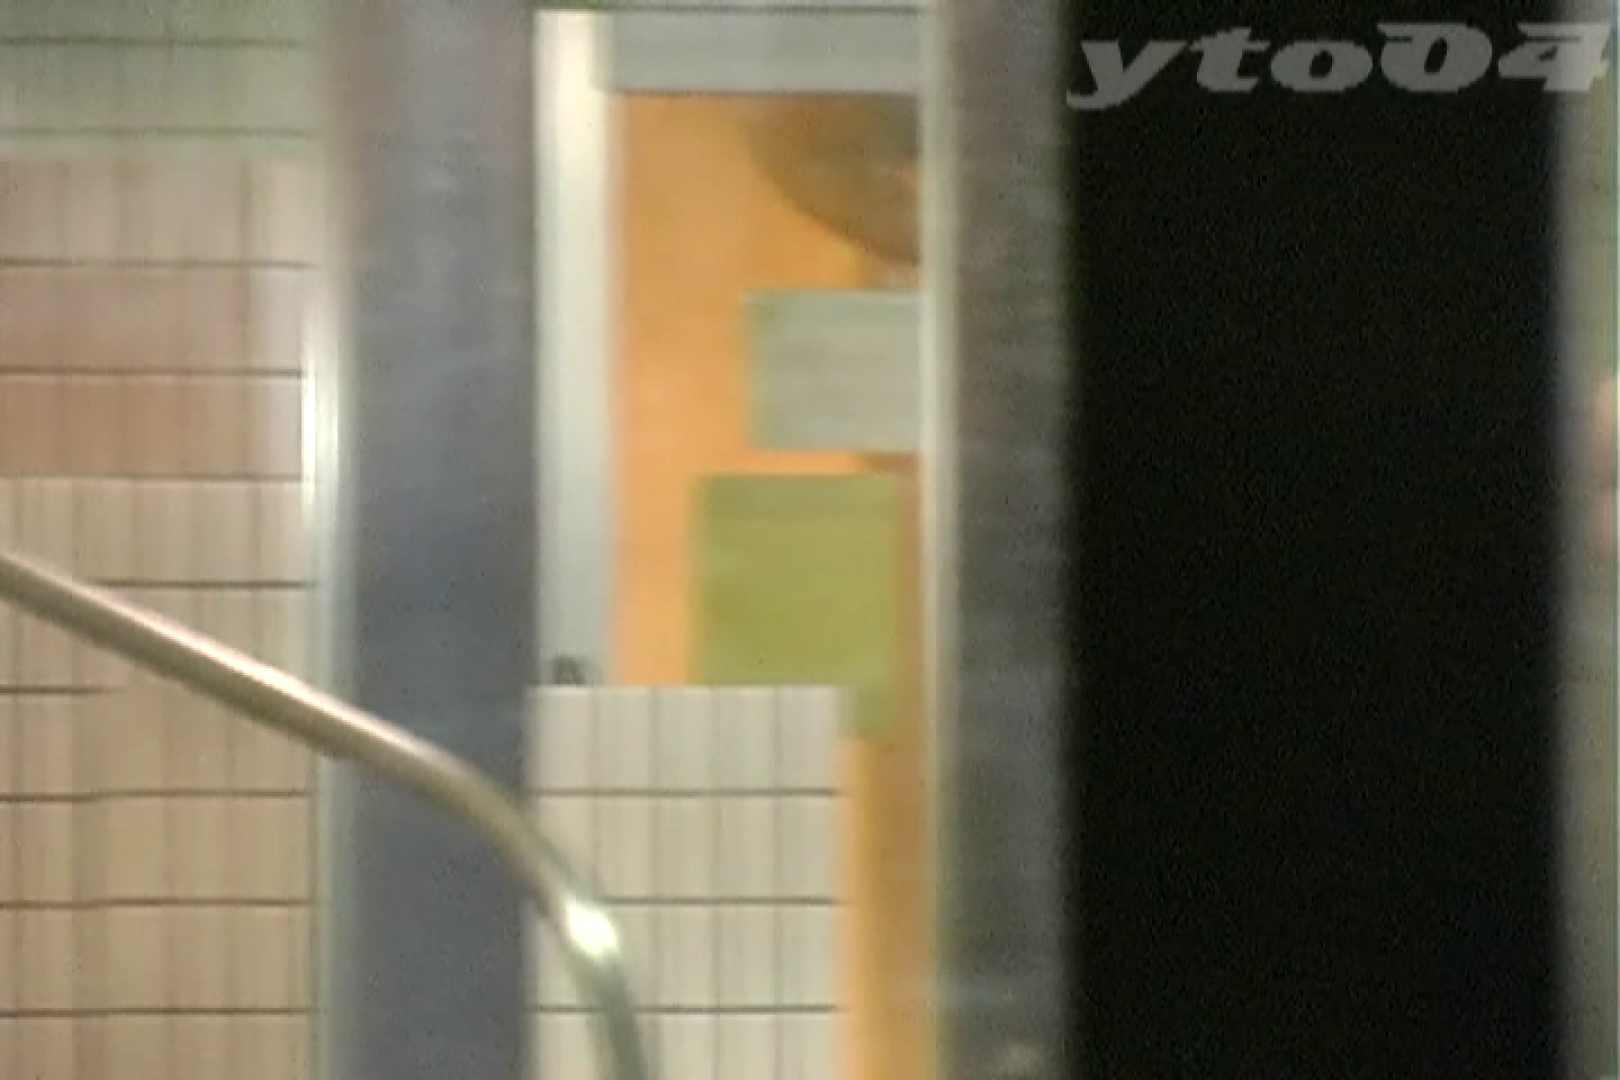 ▲復活限定▲合宿ホテル女風呂盗撮 Vol.24 ホテル  84PIX 63